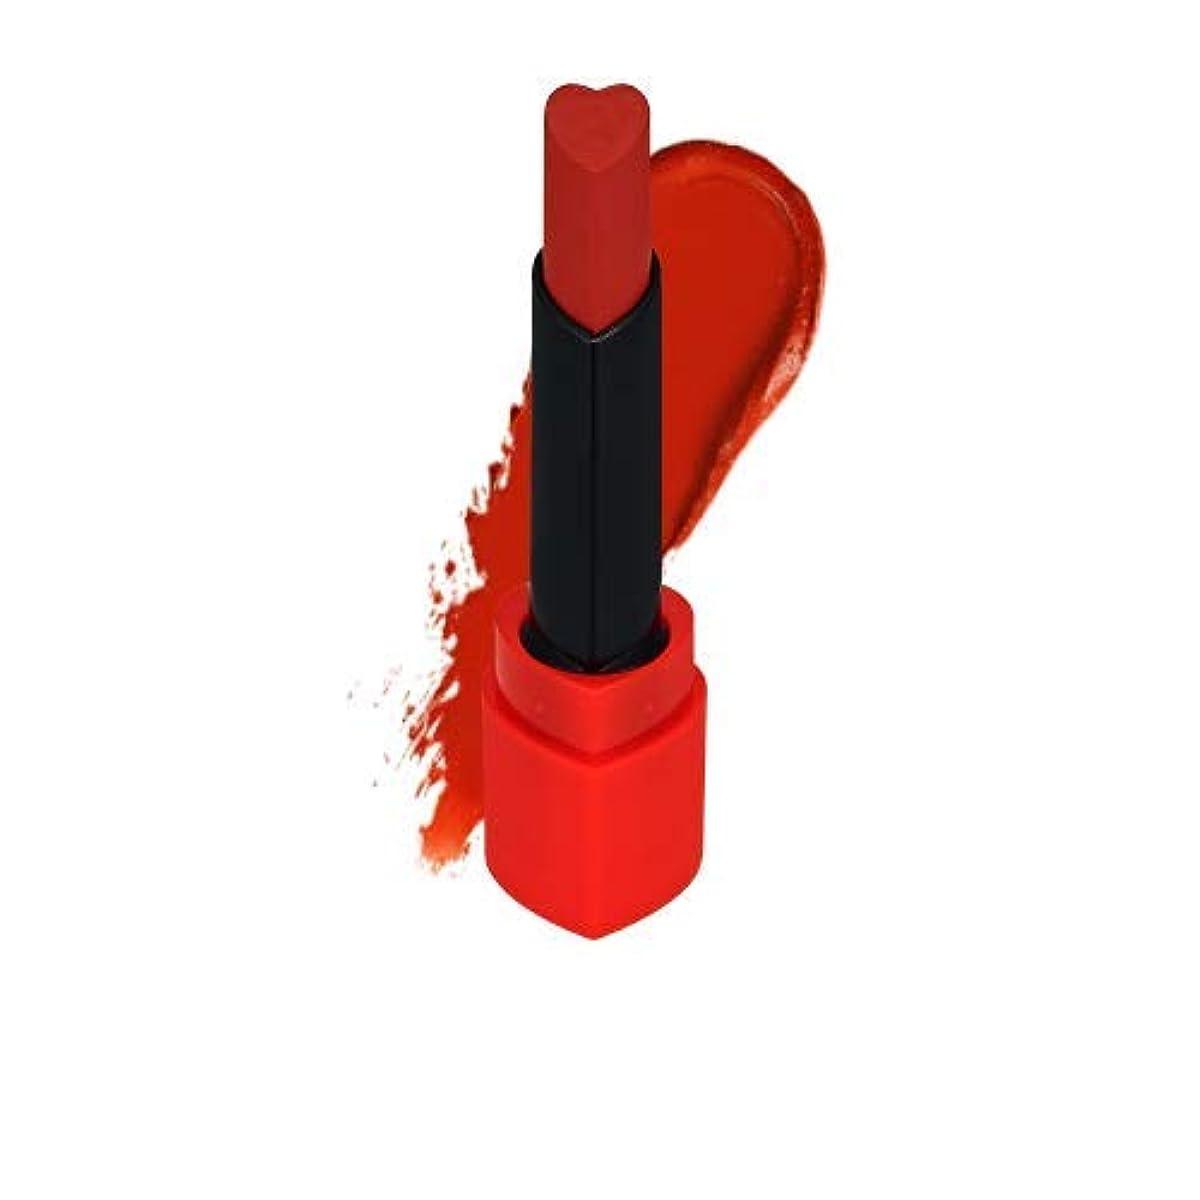 以内に却下するベーコンホリカホリカ ハートクラッシュ?ベルベット?リップスティック HOLIKA HOLIKA Heart Crush Velvet Lipstick 1.8g (# BE01 SOMKED TOAST) [並行輸入品]